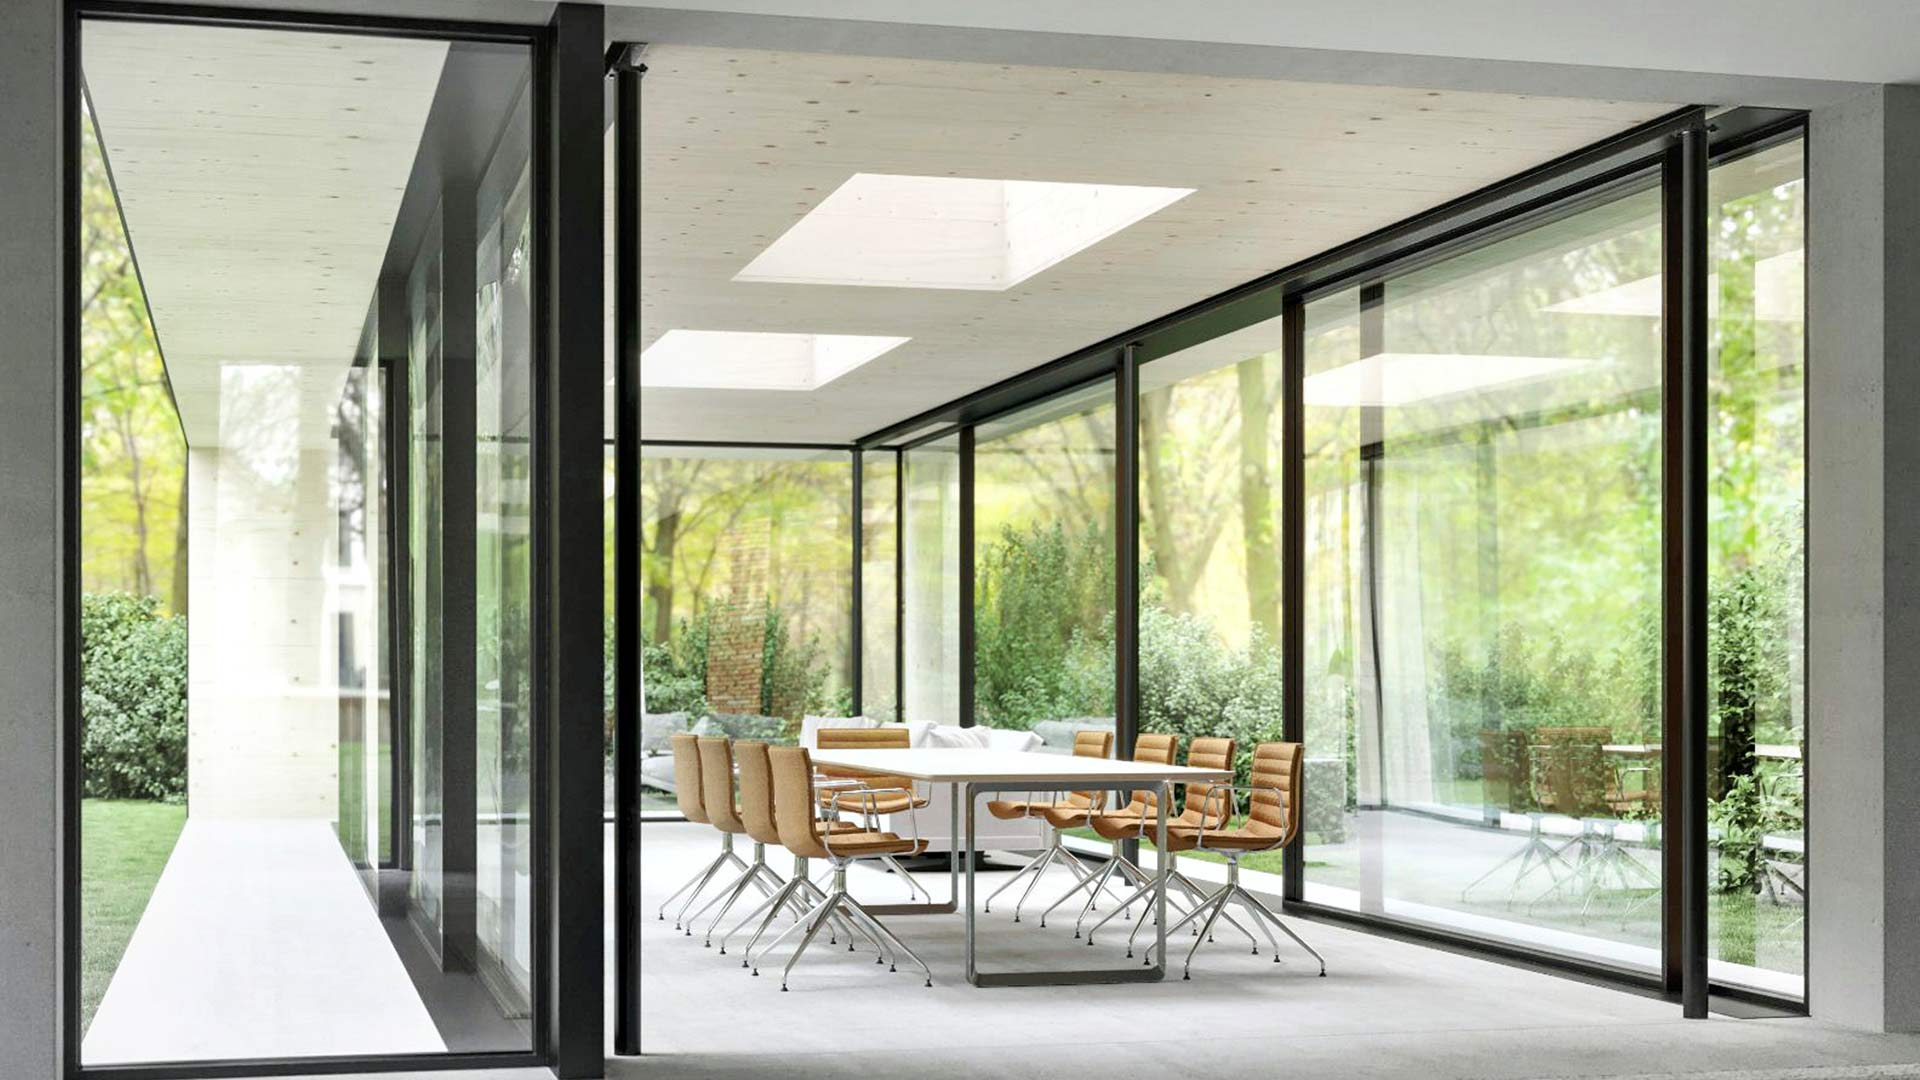 Une image contenant bâtiment, intérieur, vivant, fenêtre  Description générée automatiquement